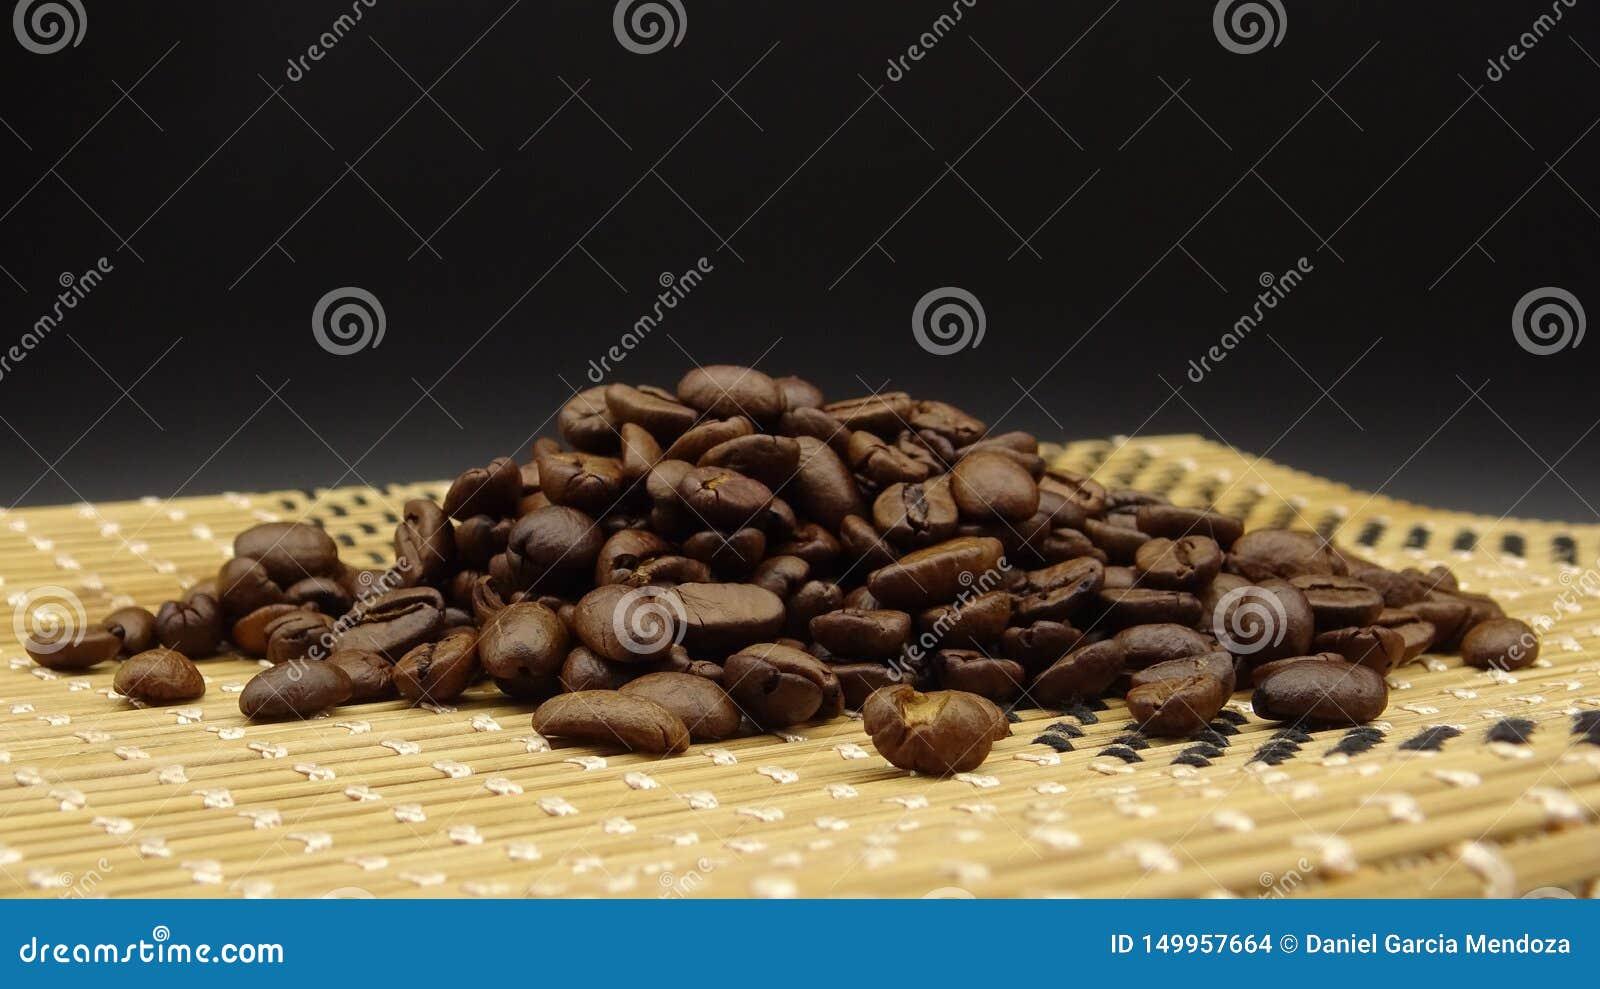 Ψημένα φασόλια καφέ πέρα από το ξύλο στο μαύρο υπόβαθρο